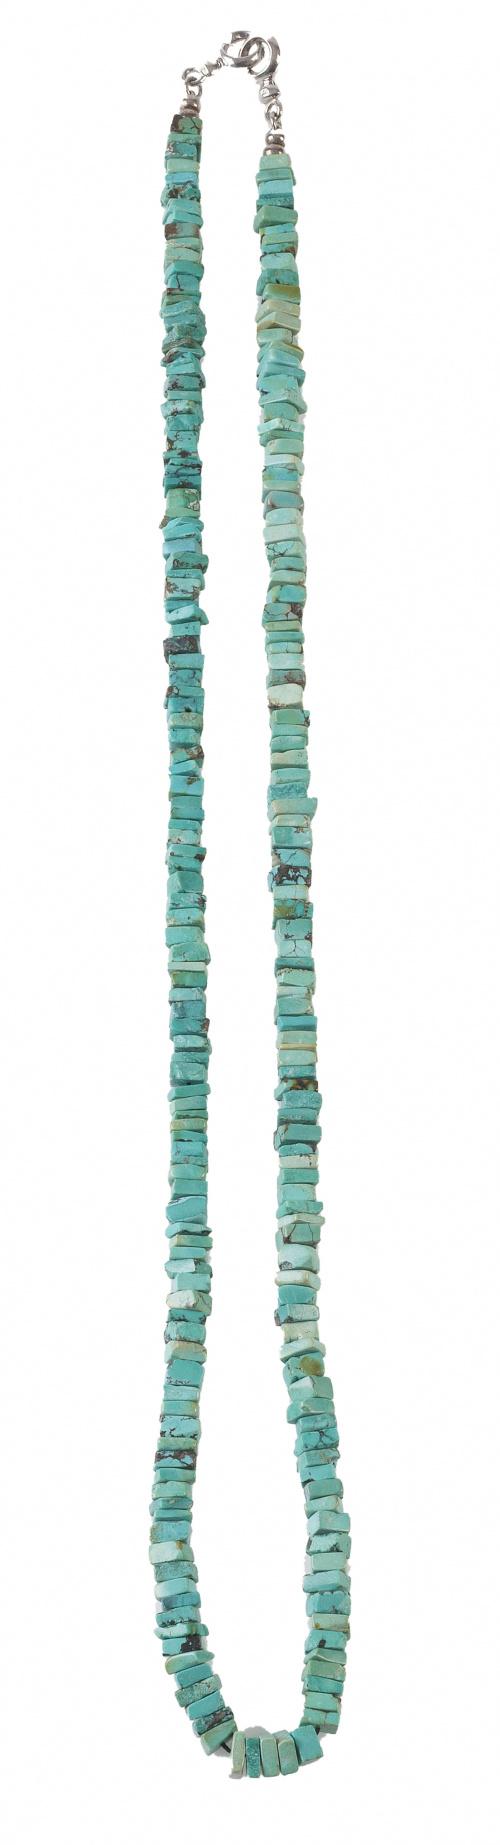 Collar largo de turquesas cuadradas con cierre en plata